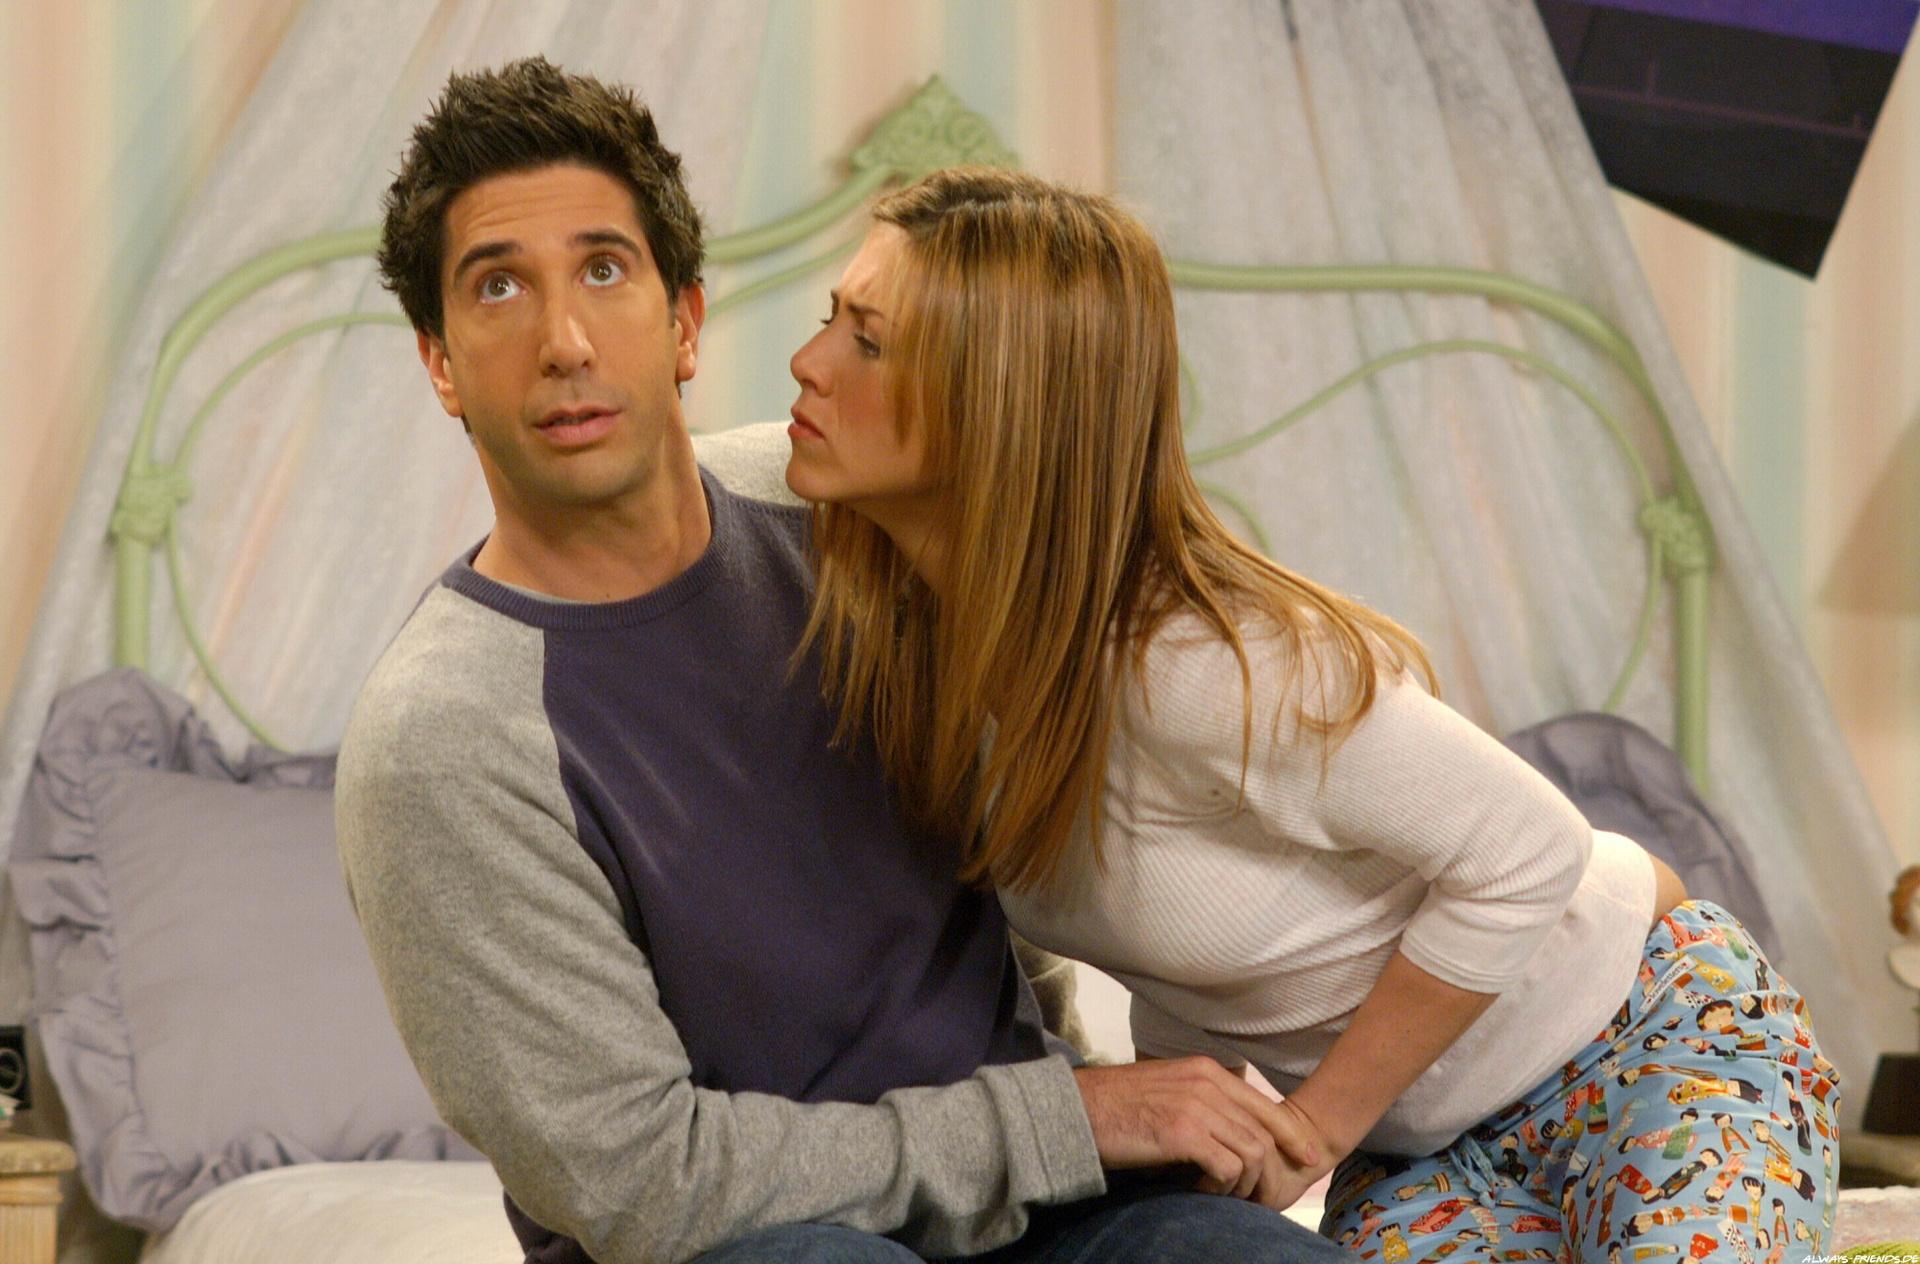 """Най-силните моменти на Рос в """"Приятели"""". Освен сексът с Рейчъл, разбира се"""